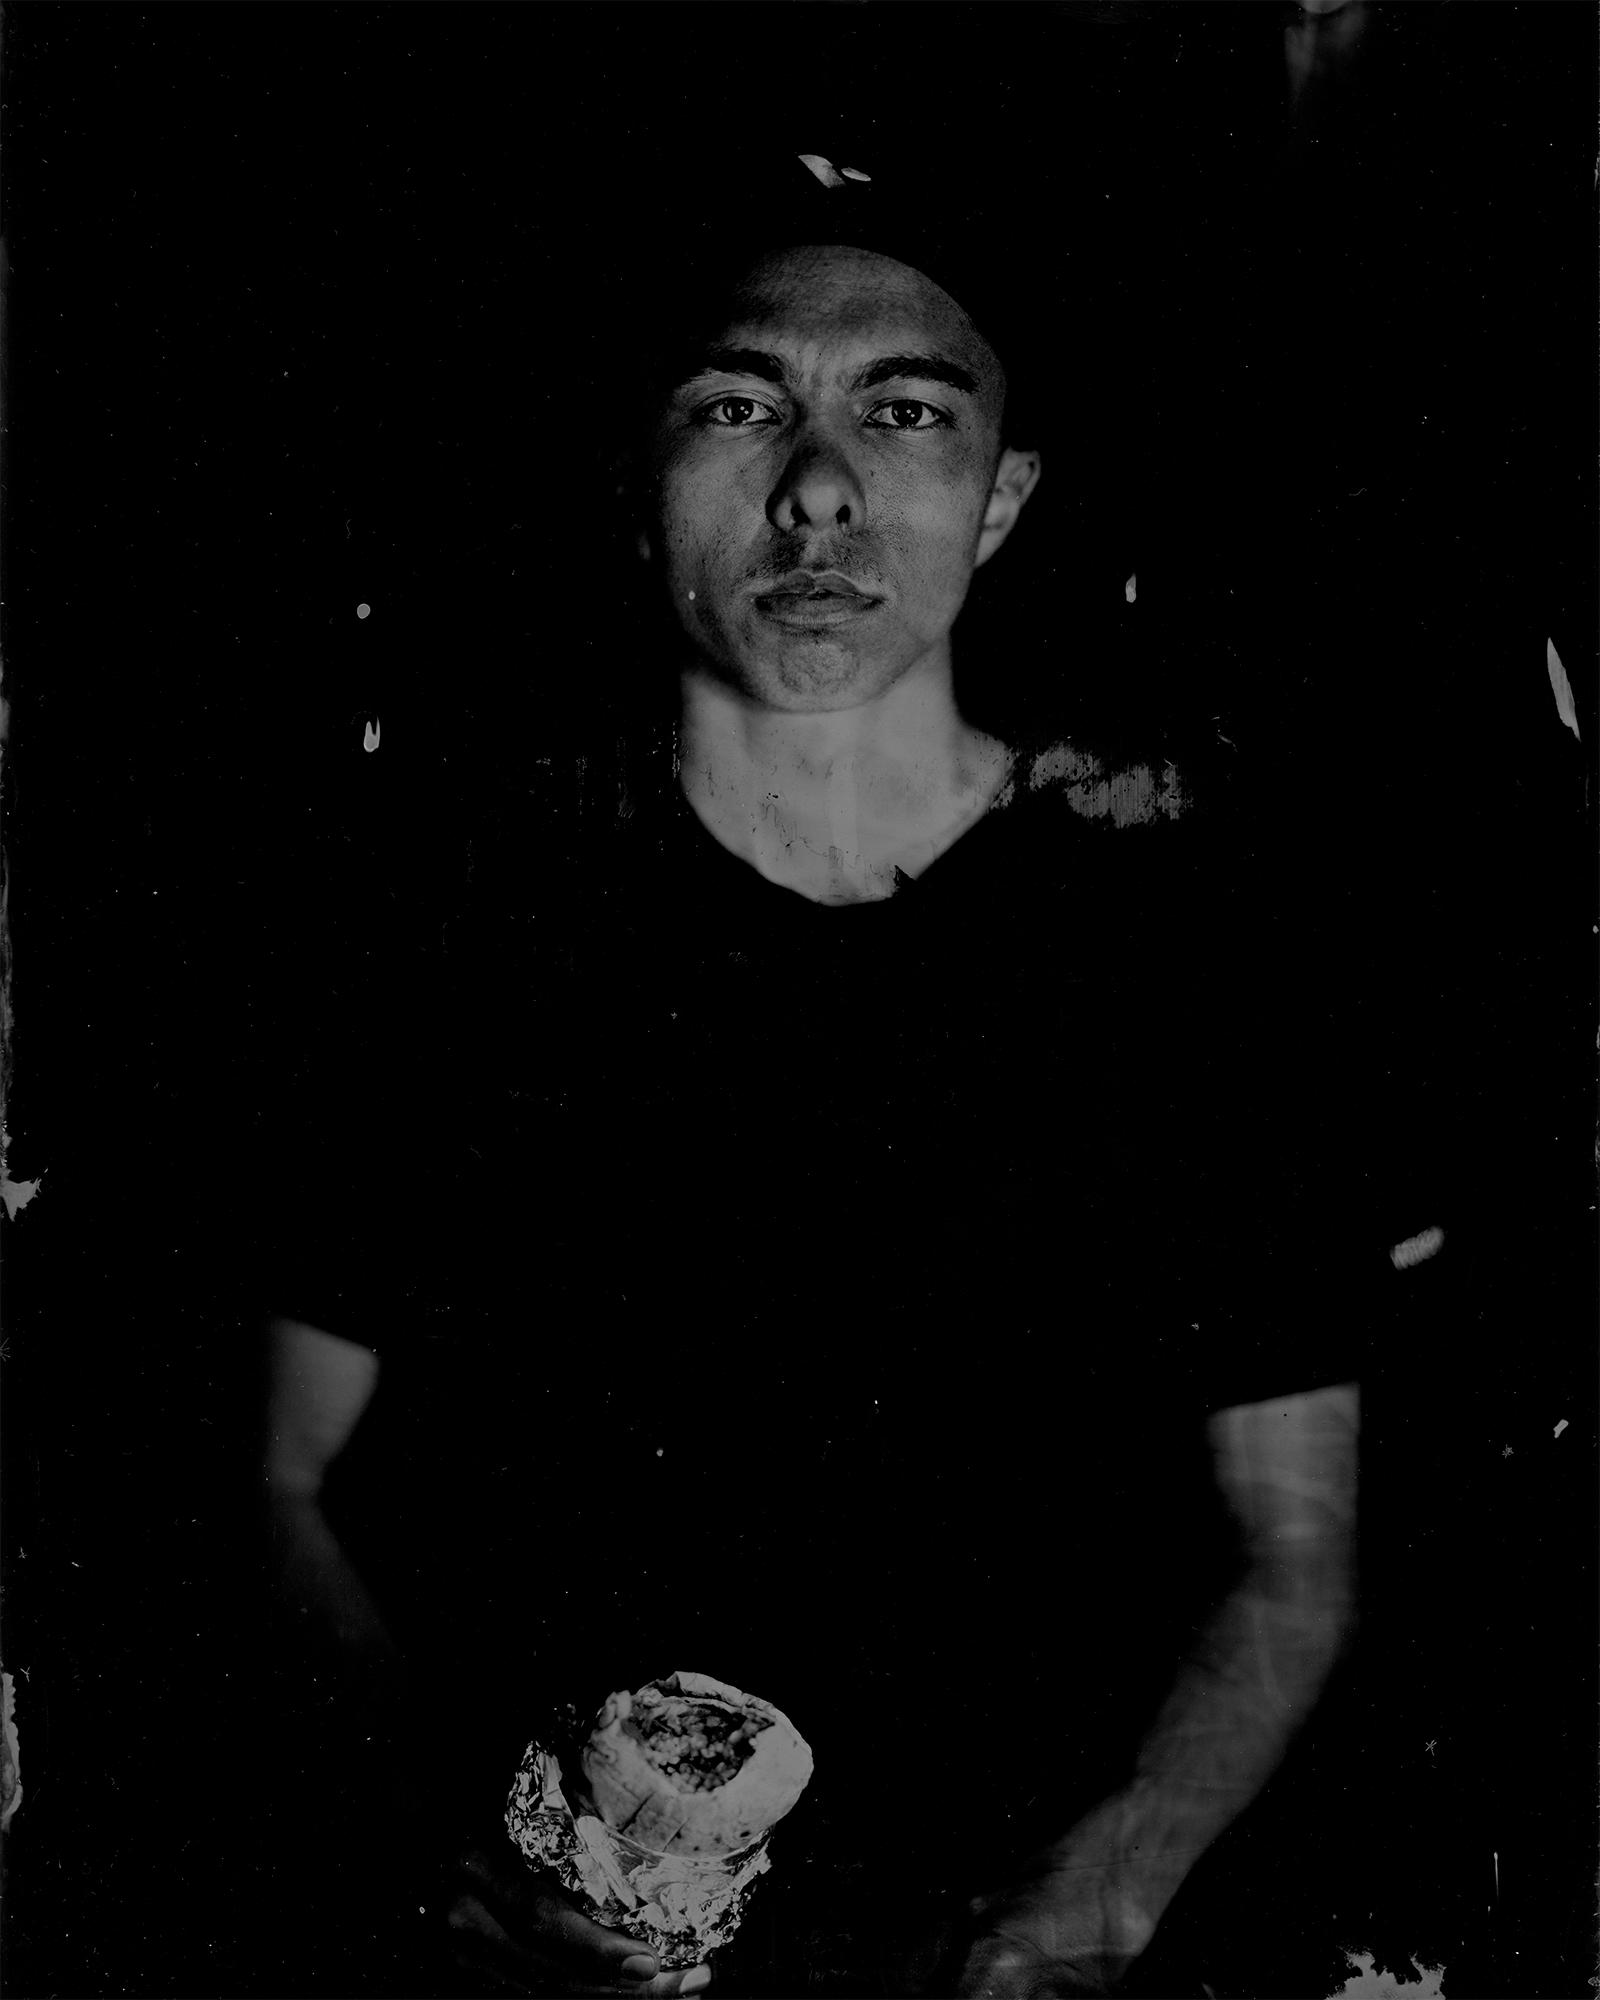 8x10 Tintype by Elijah Clarke, from  Enterprise of Despair